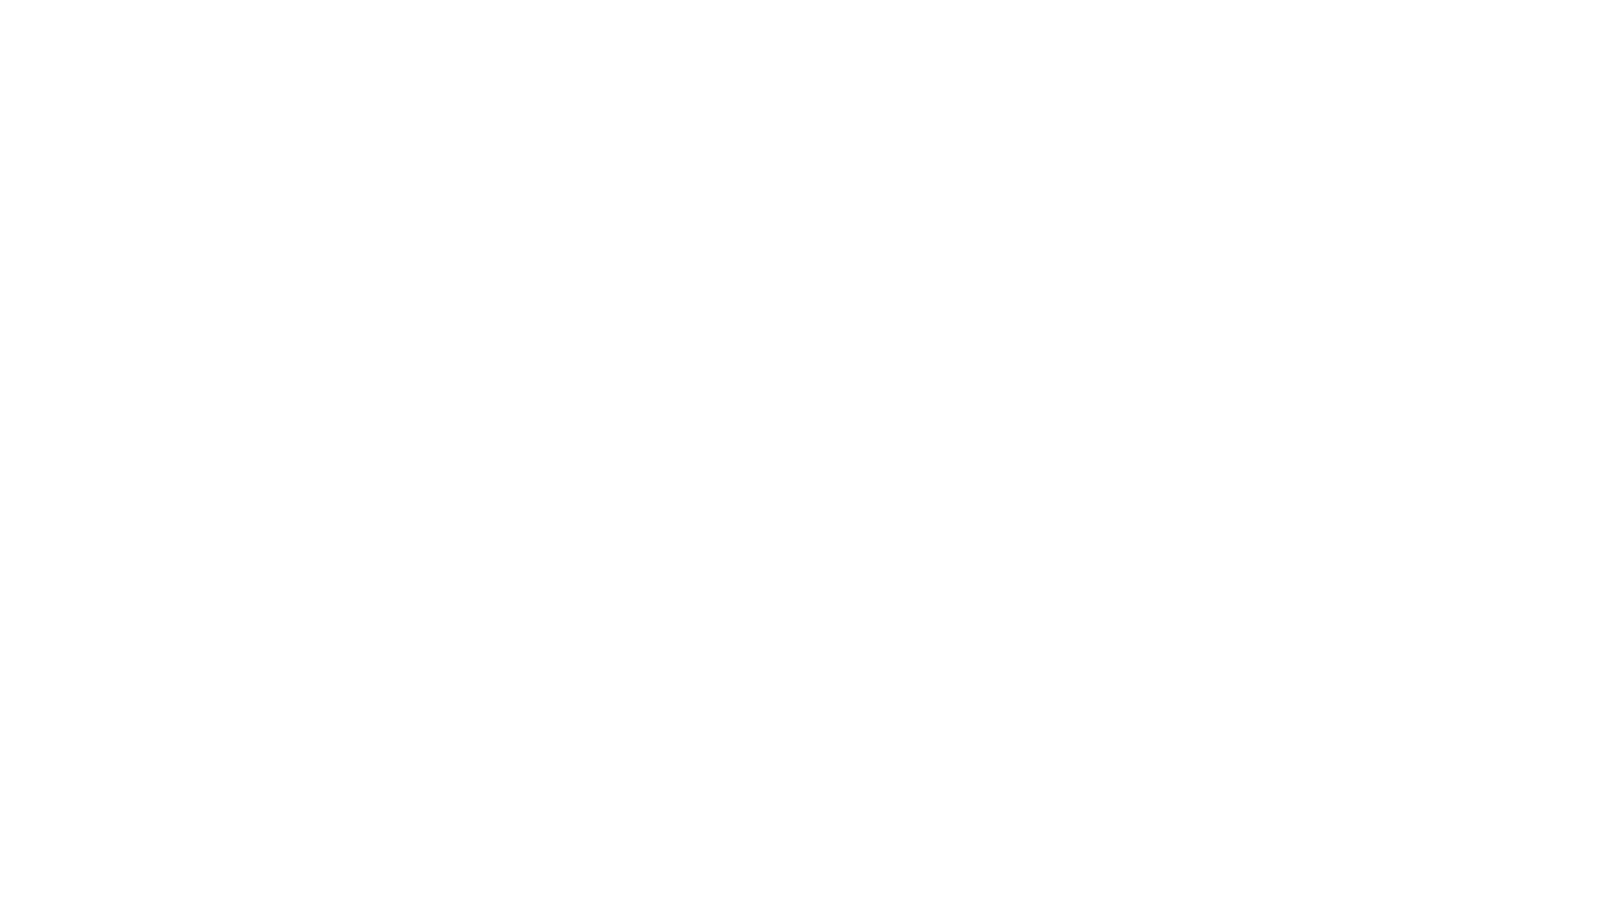 Сообщение в эфире: https://www.donationalerts.com/r/uralsknews. Поддержать проект: https://www.patreon.com/join/7349909/.  Стрим с Бахытжан Торегожиной про политические репрессии в Казахстане,  политзаключенных и преследуемых за оппозиционную деятельность в РК, и о том, как им можно помочь и помогает гражданское общество